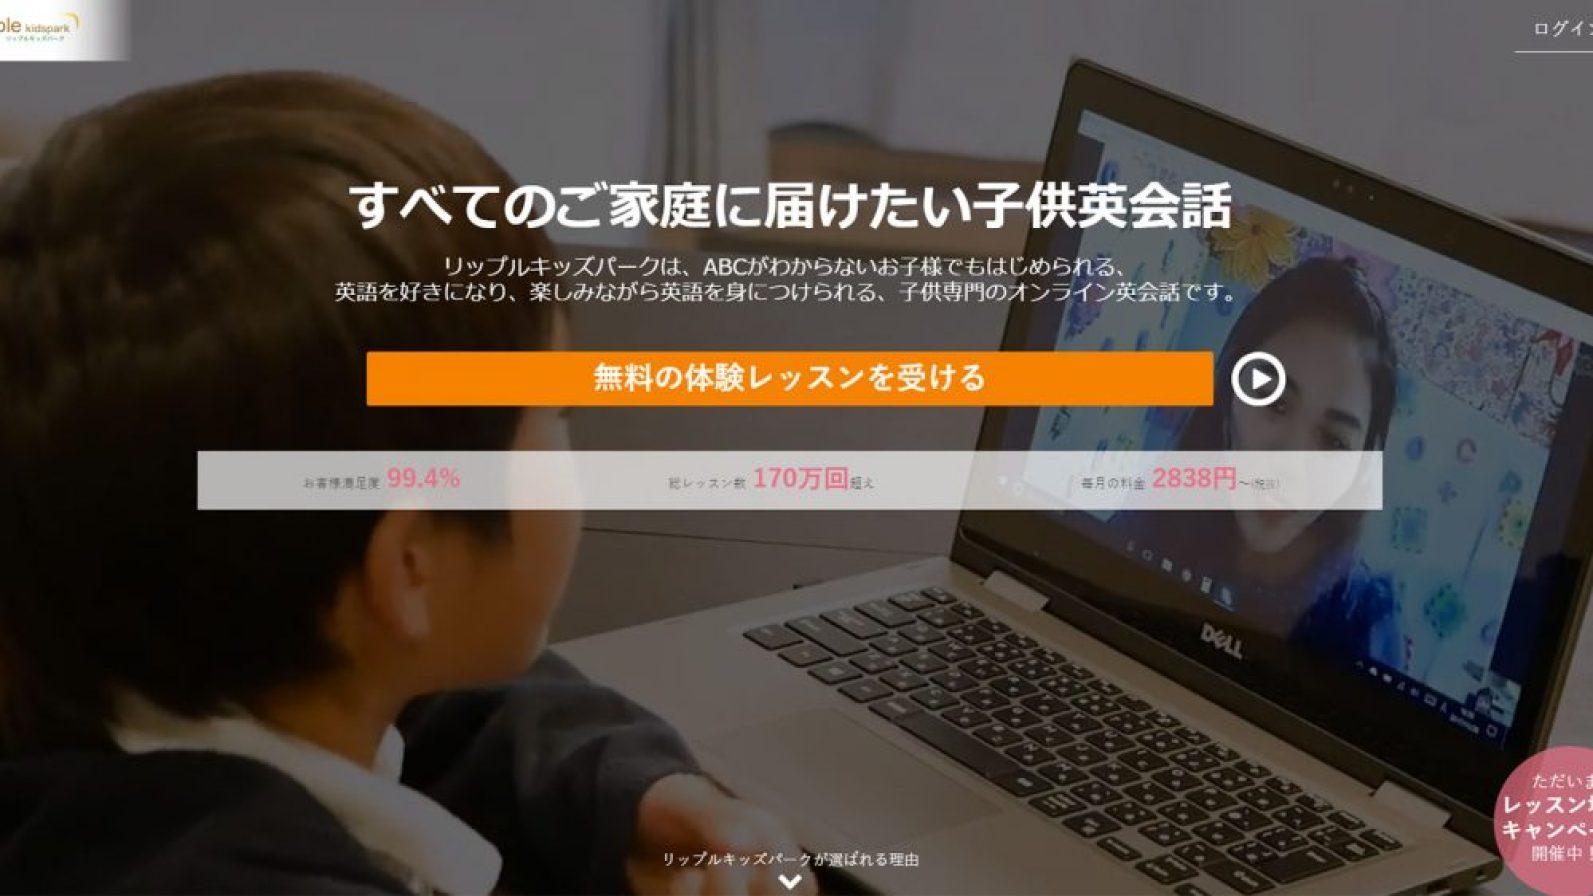 リップルキッズパークのホームページ